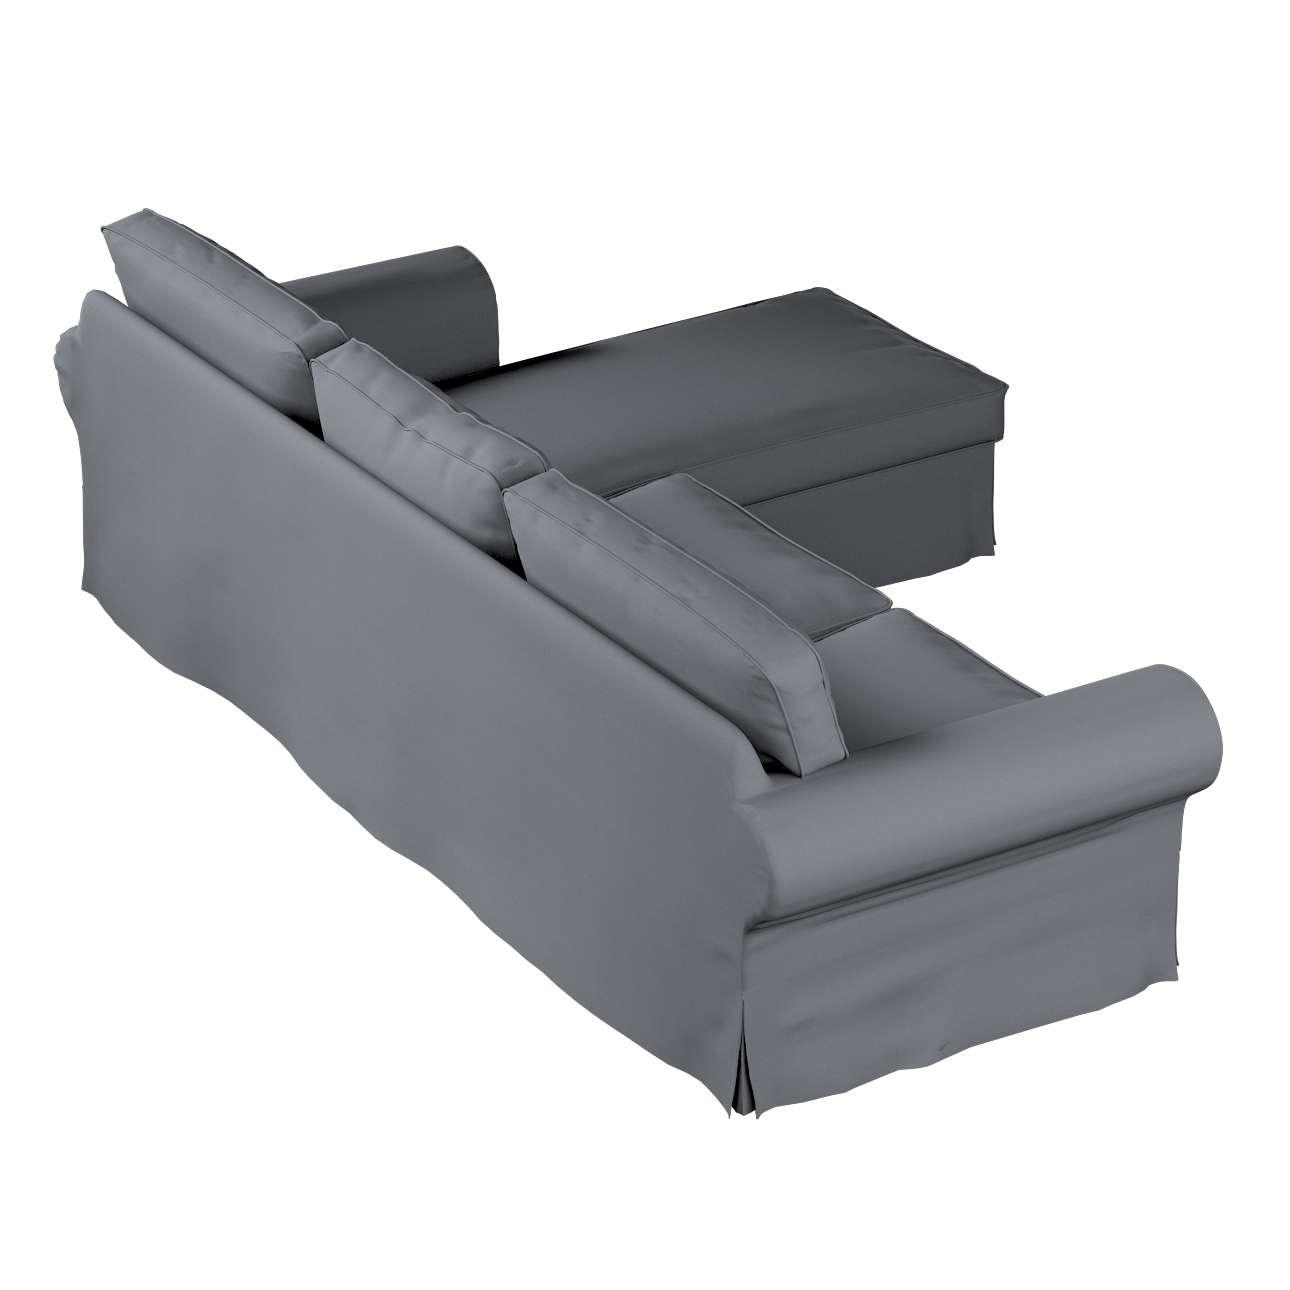 Ektorp dvivietės sofos su gulimuoju krėslu užvalkalas Ikea Ektorp dvivietės sofos su gulimuoju krėslu užvalkalas kolekcijoje Cotton Panama, audinys: 702-07